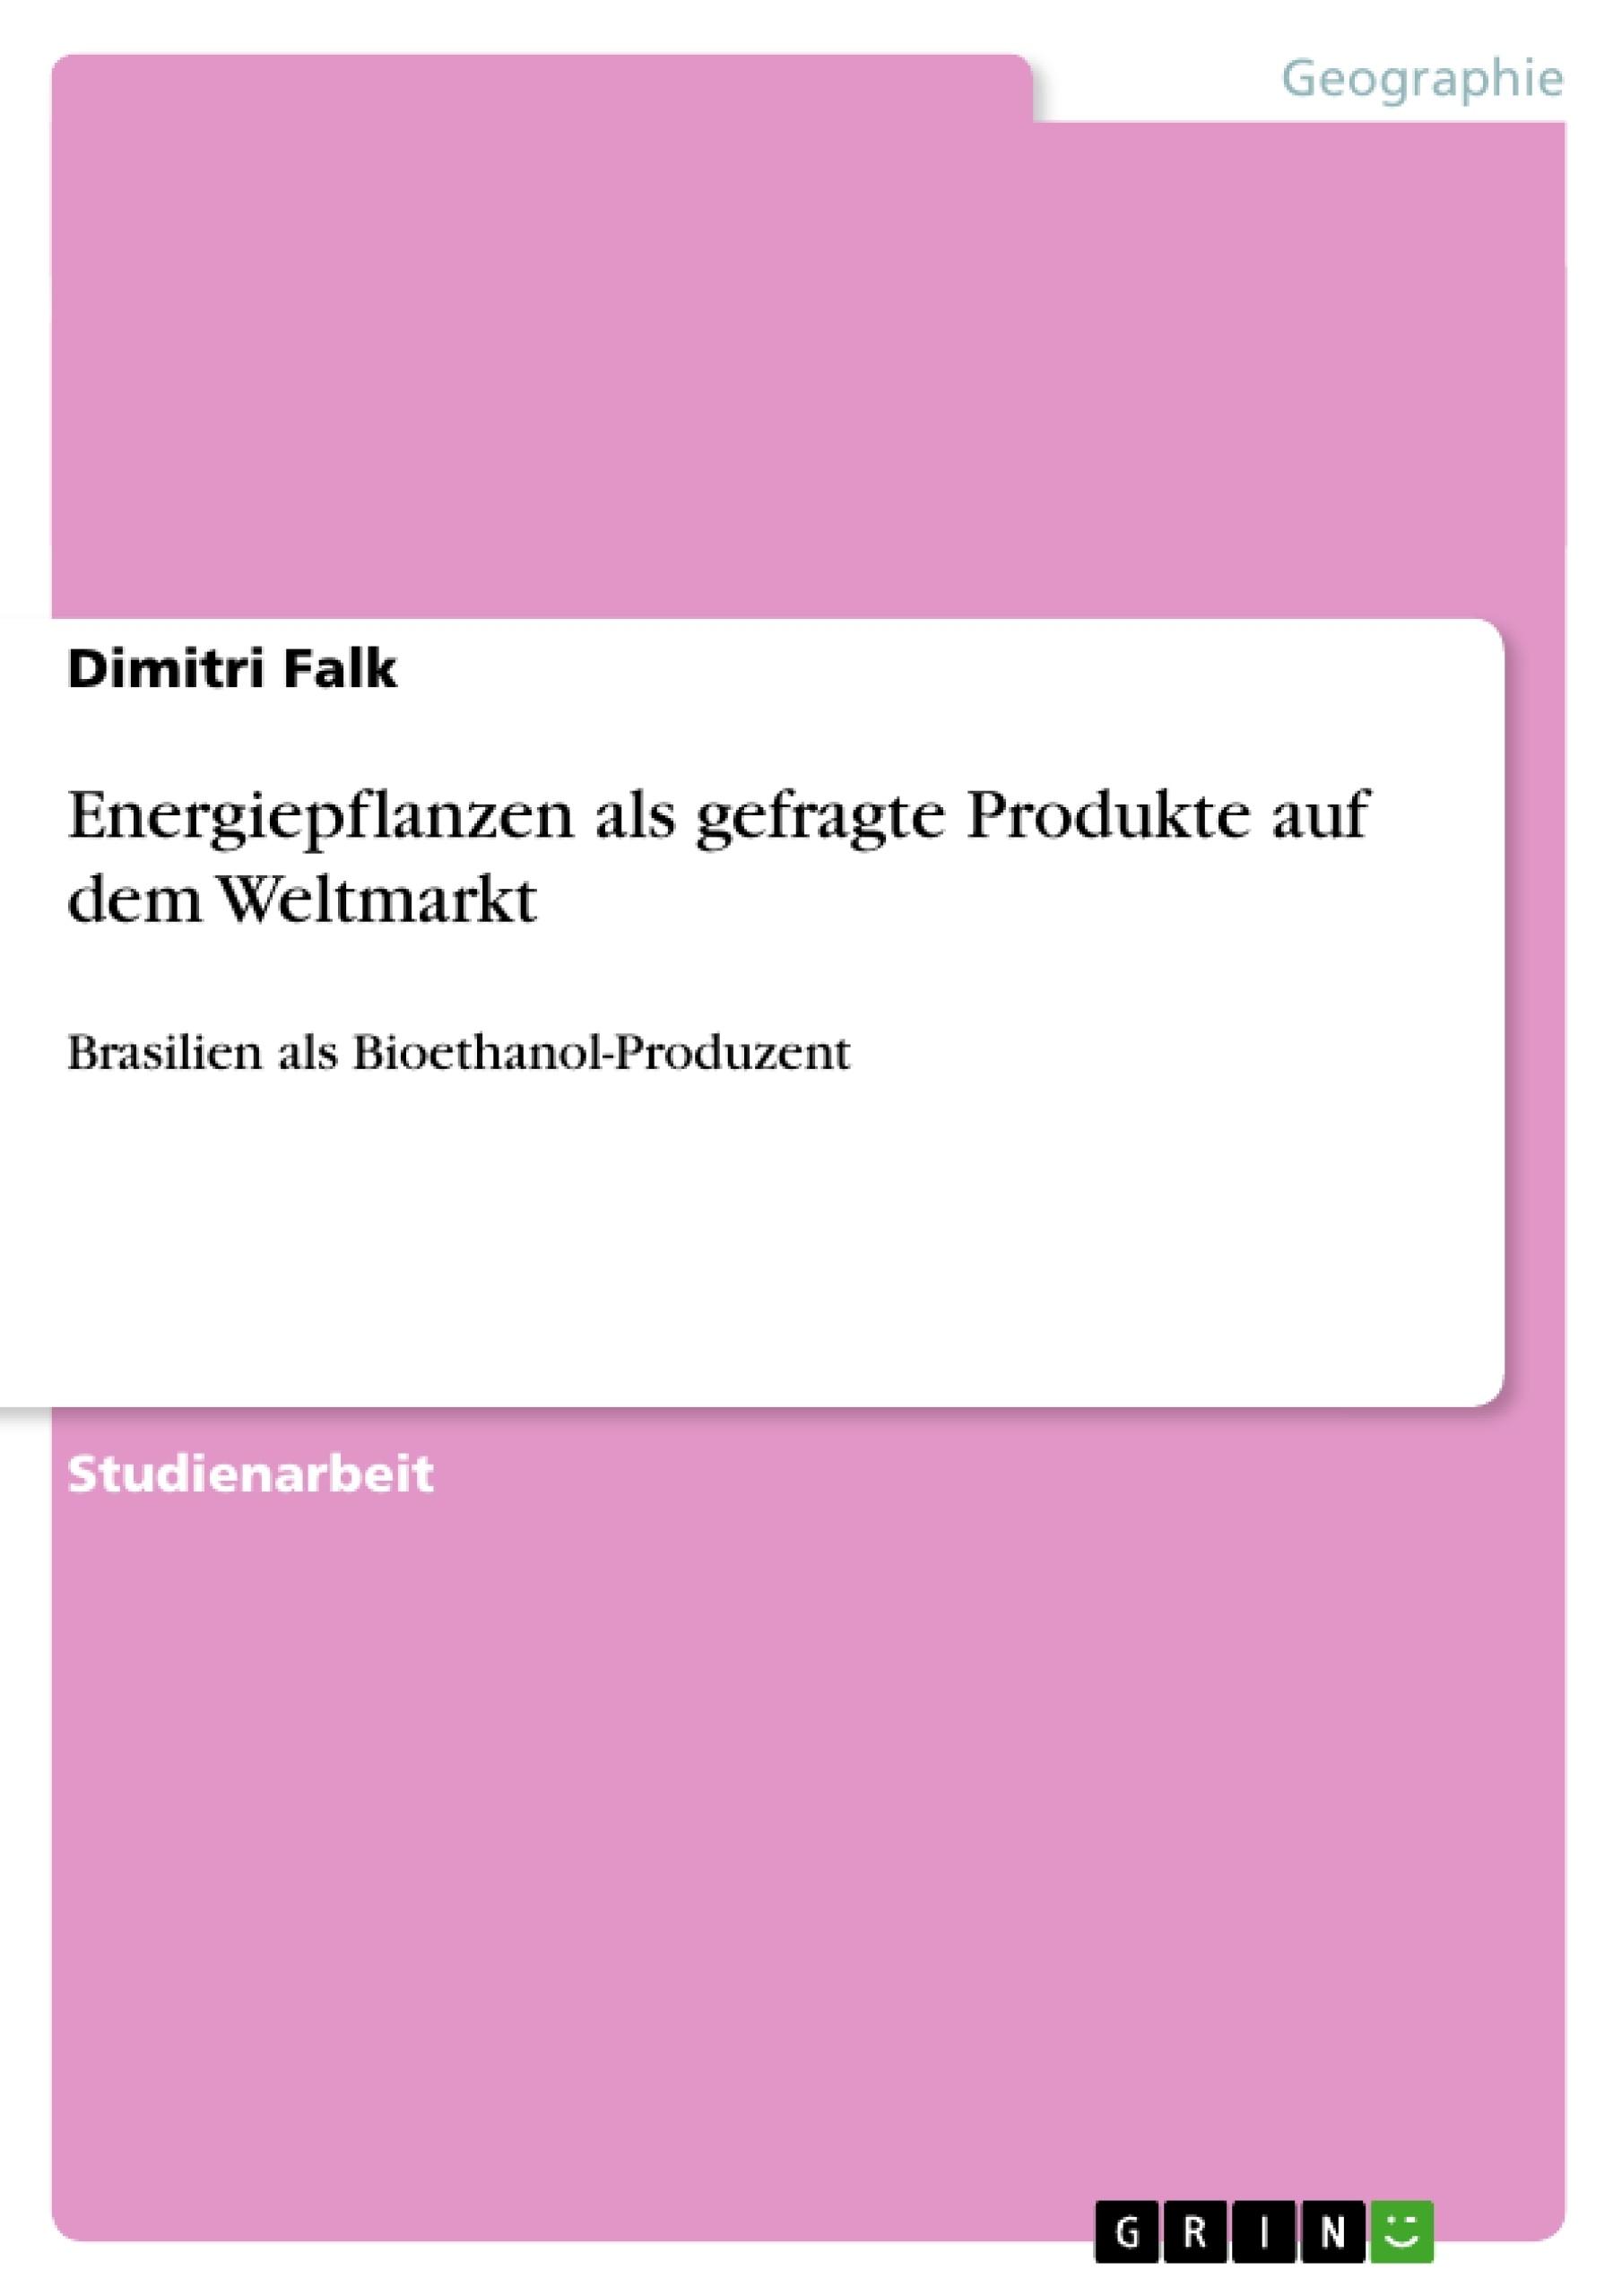 Titel: Energiepflanzen als gefragte Produkte auf dem Weltmarkt